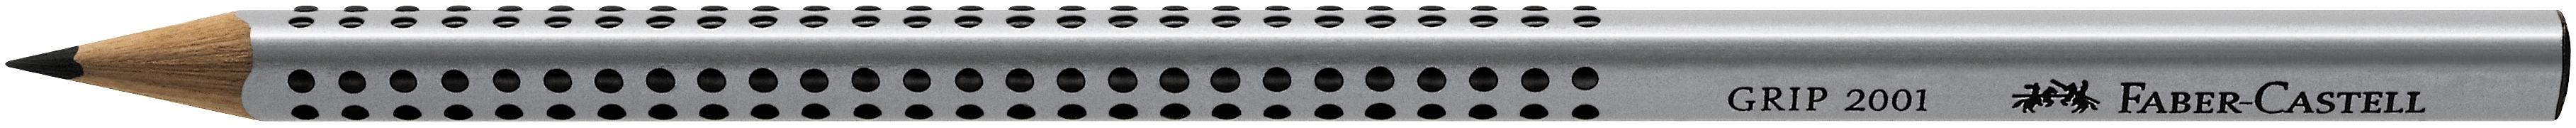 Faber-Castell Bleistift GRIP 2001 - 2H, silbergrau